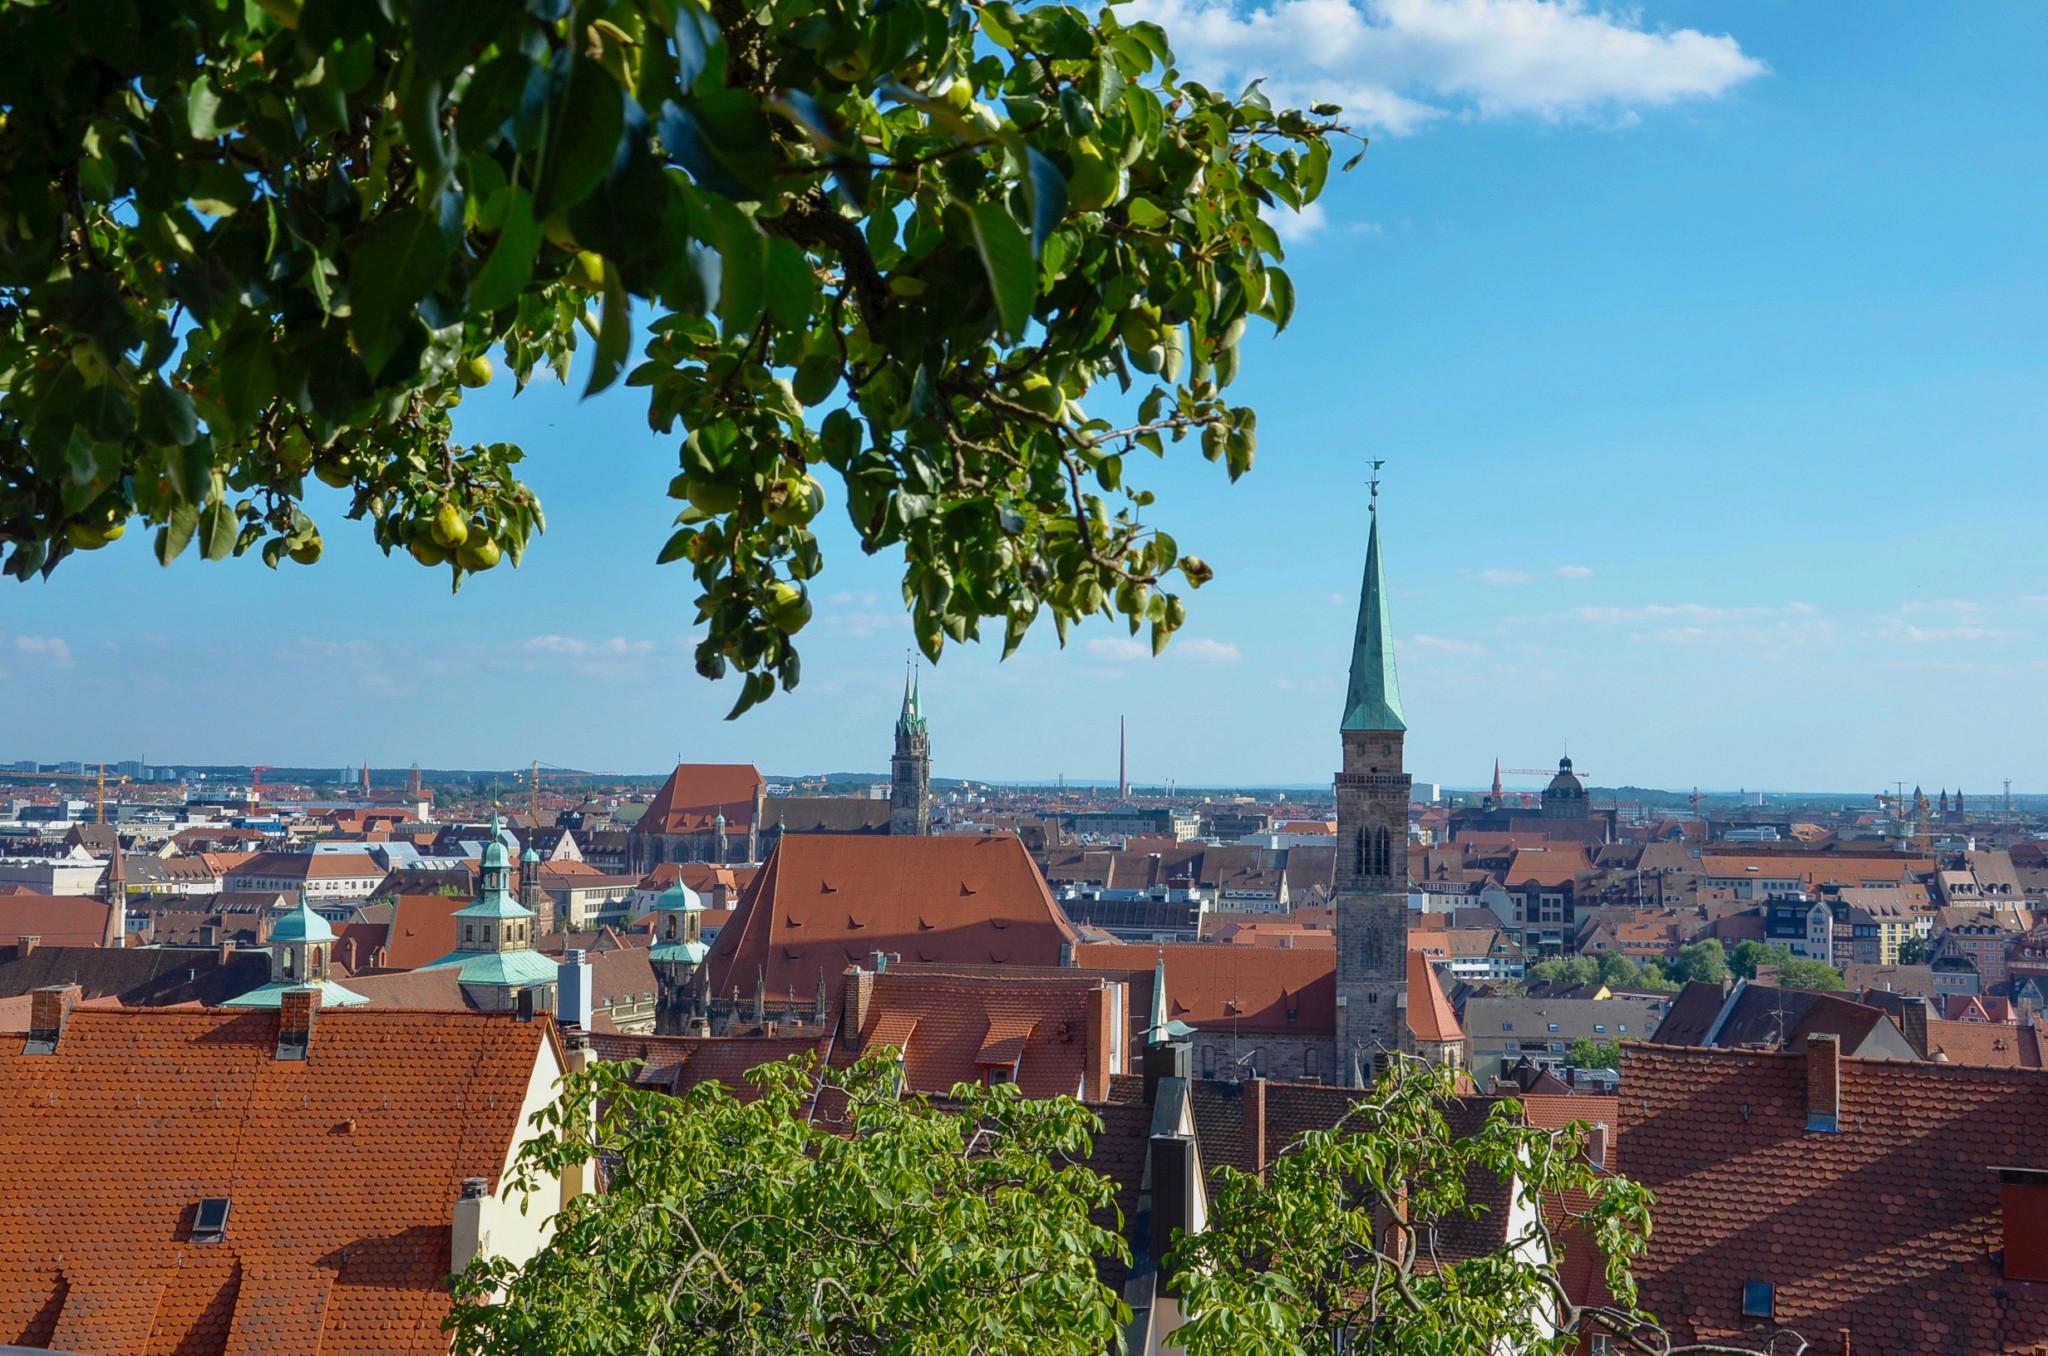 Die schönsten Sehenswürdigkeiten in Nürnberg